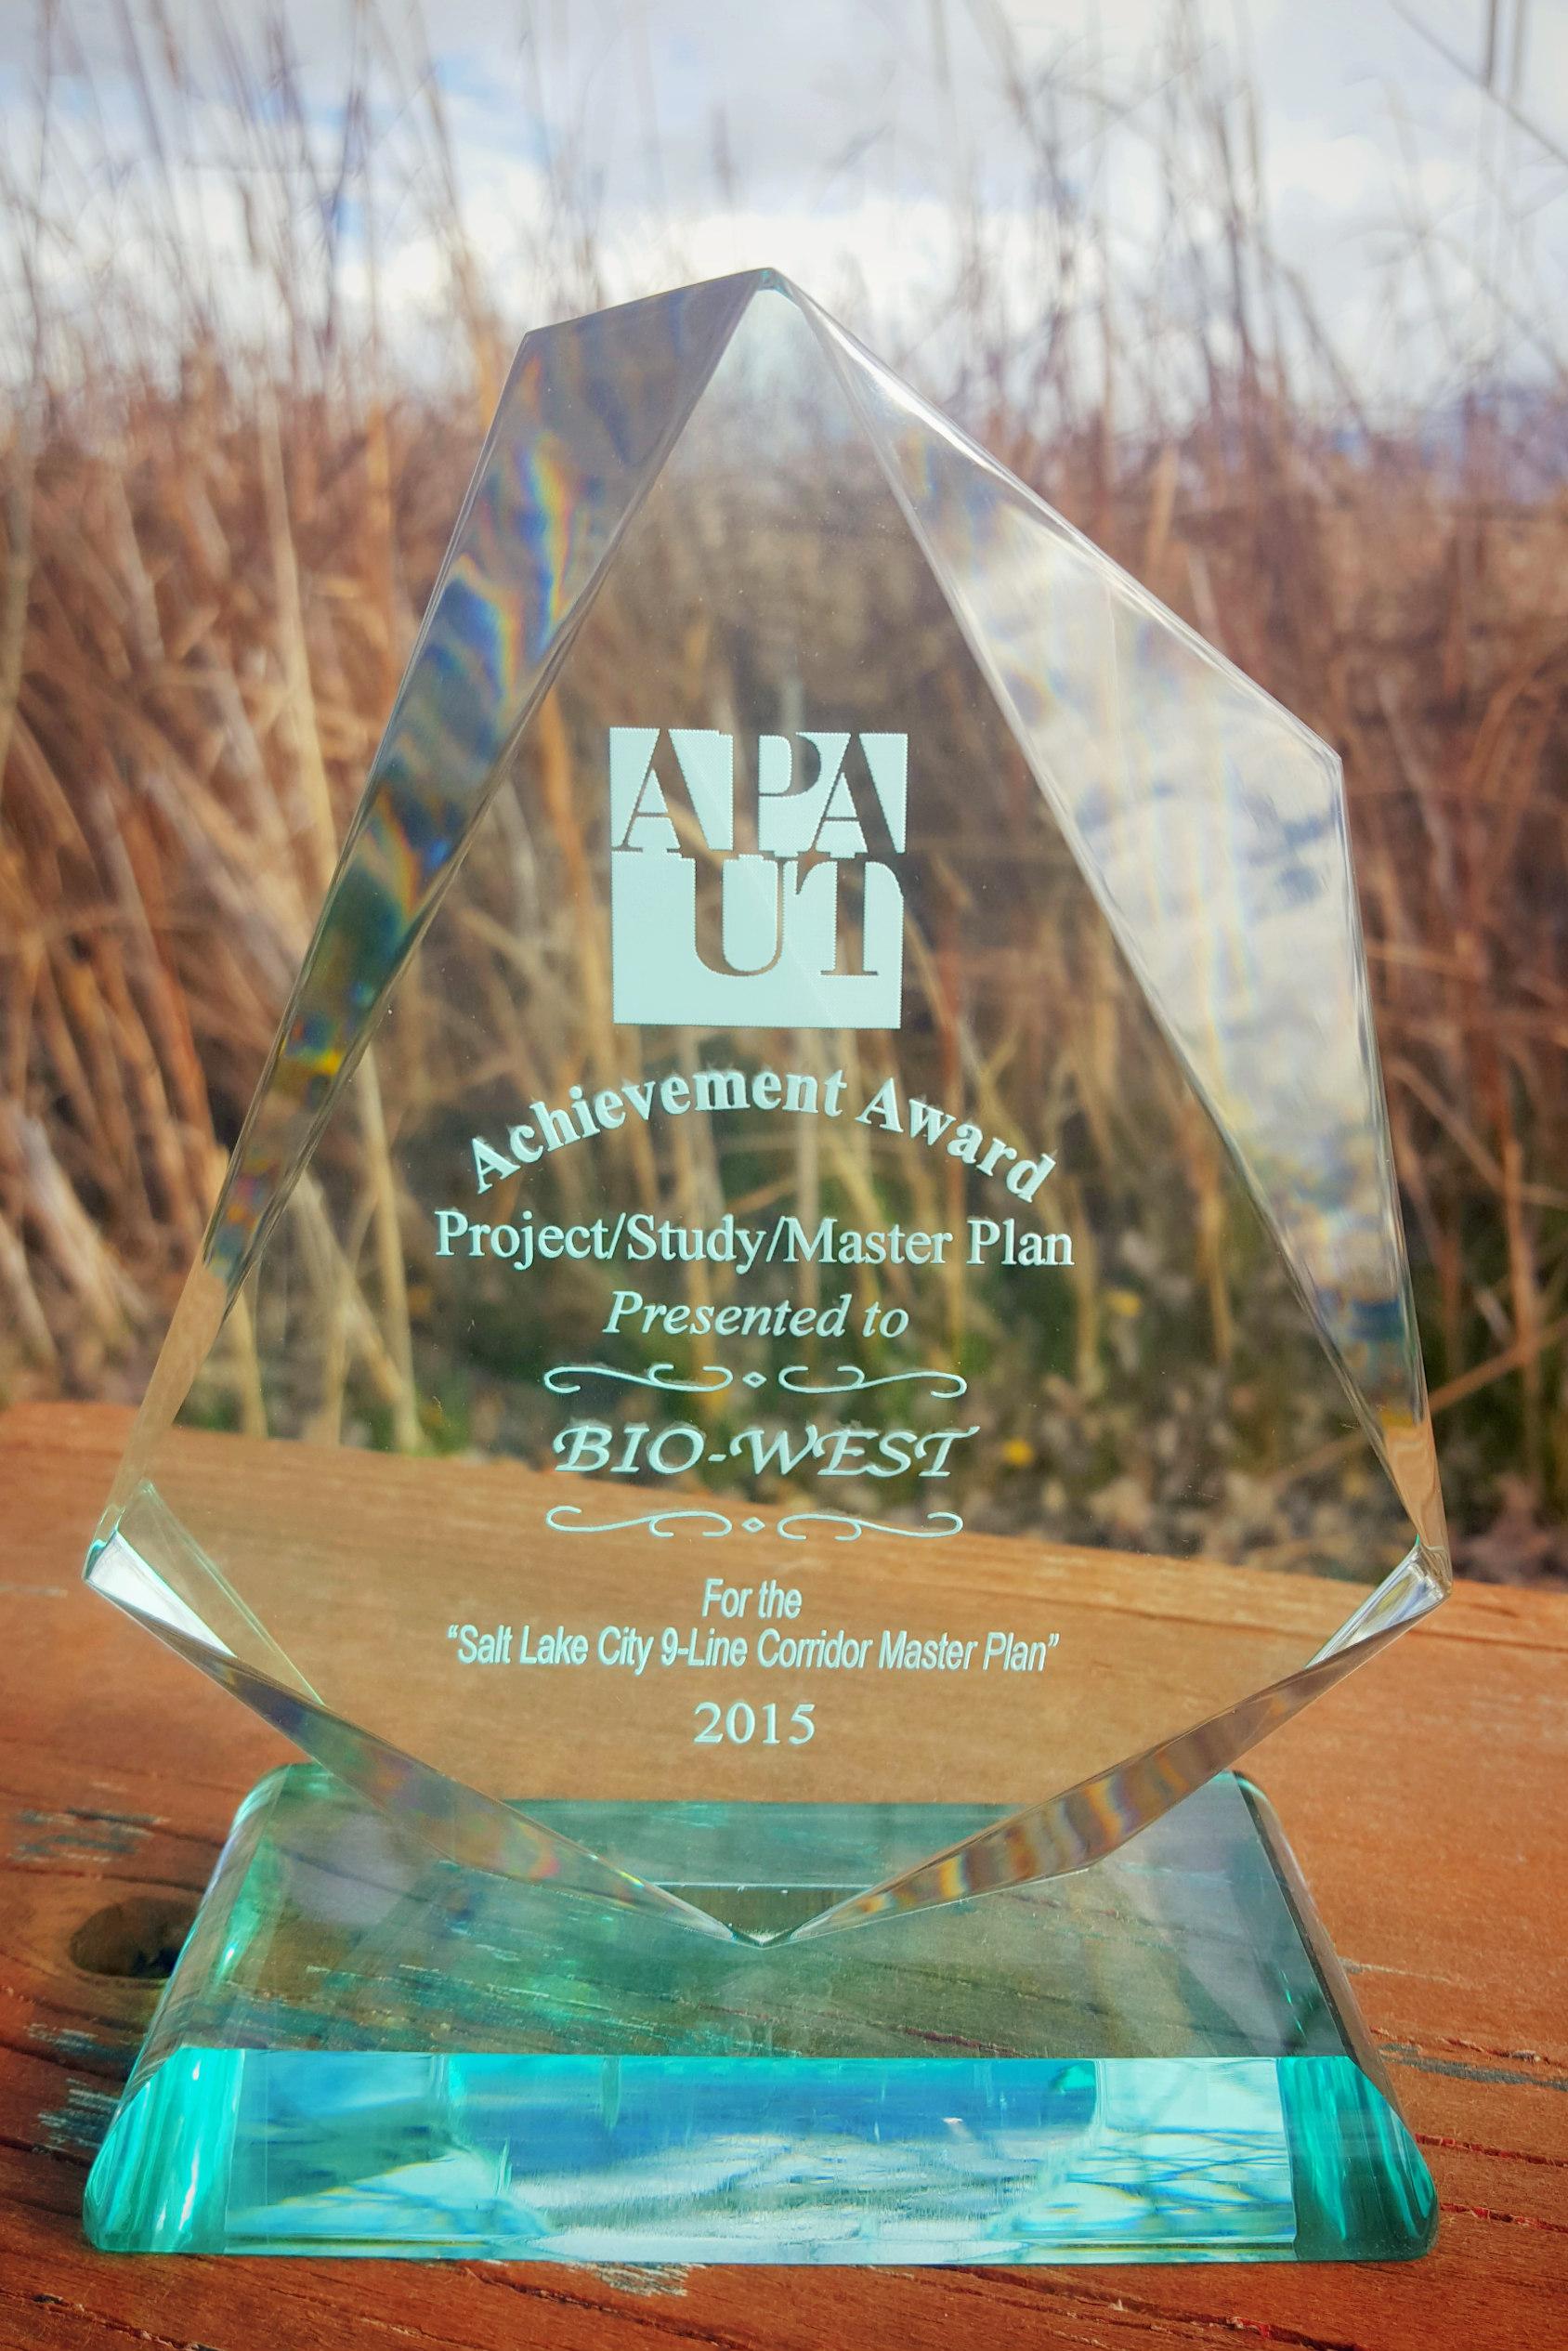 Award 1a